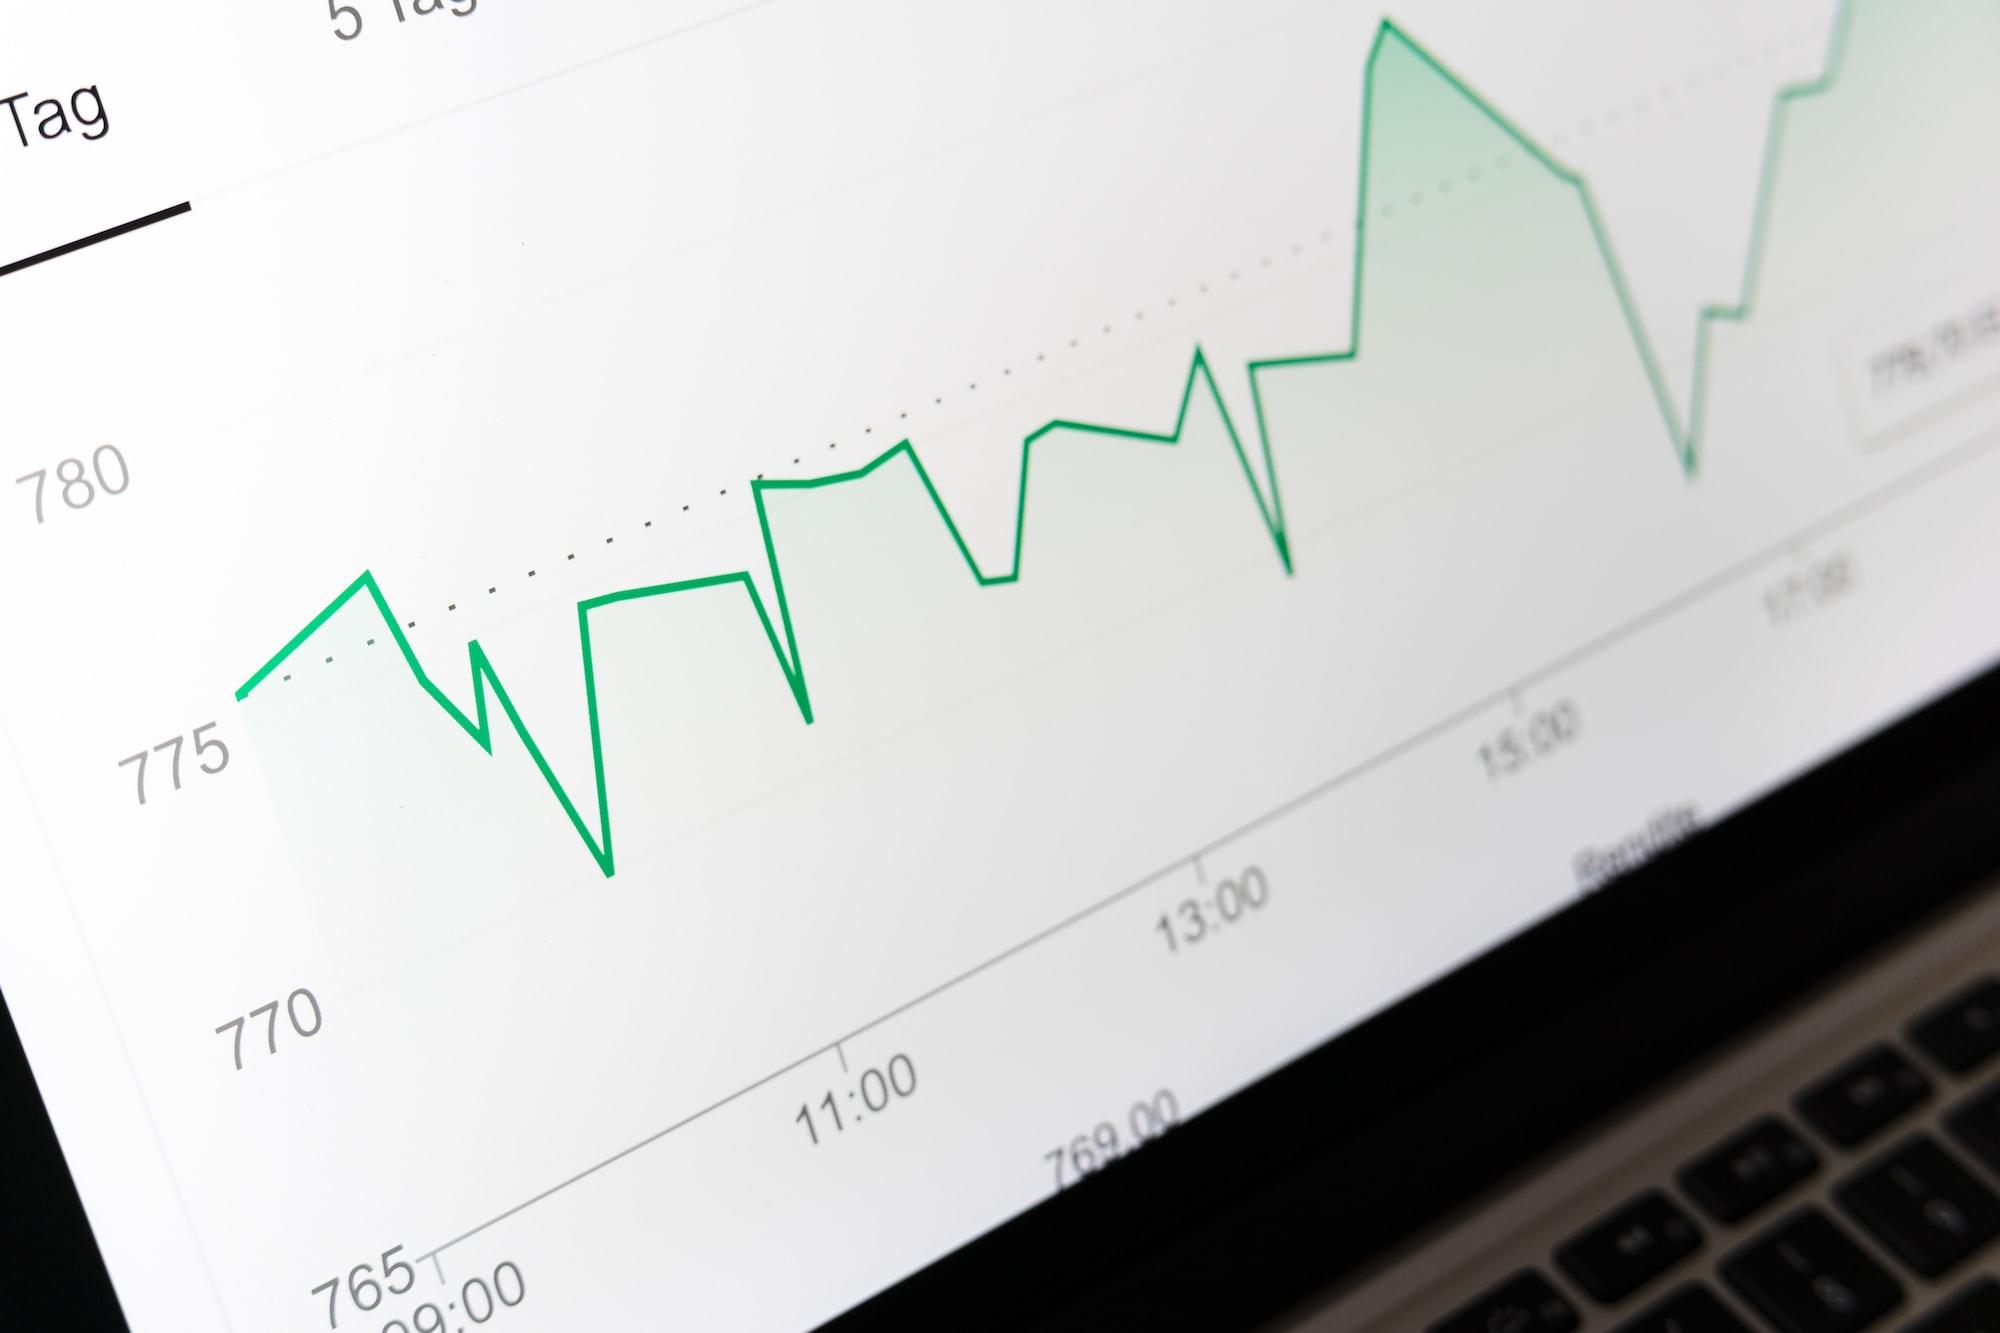 Analiza ruchu na stronie internetowej - o byciu cieniem z wykorzystaniem fullstory.com